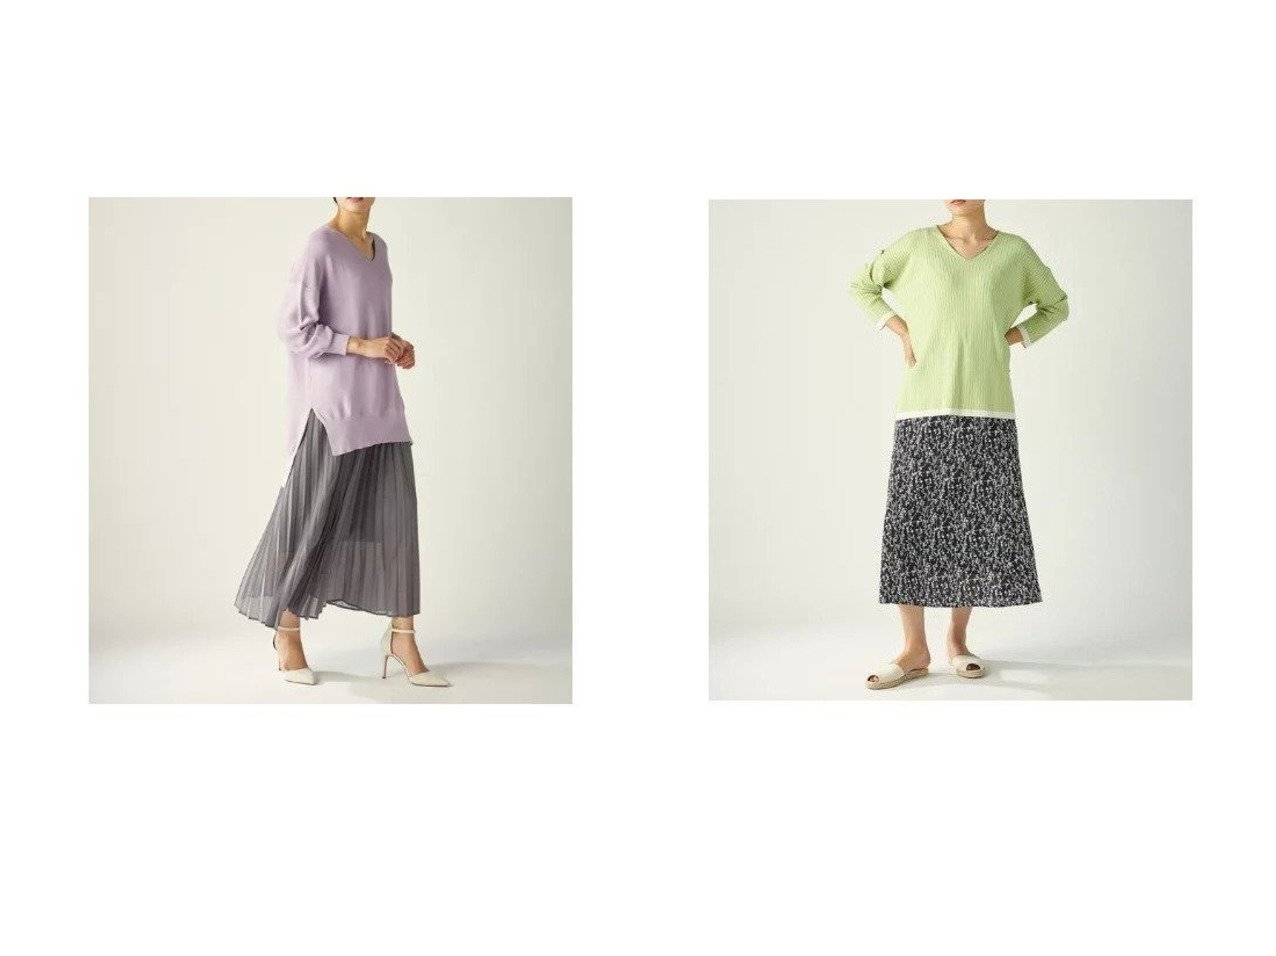 【CLEAR IMPRESSION/クリアインプレッション】の《musee》ボタニカルプリントナロースカート&ラメシアープリーツスカート クリア インプレッションのおすすめ!人気、トレンド・レディースファッションの通販  おすすめで人気の流行・トレンド、ファッションの通販商品 メンズファッション・キッズファッション・インテリア・家具・レディースファッション・服の通販 founy(ファニー) https://founy.com/ ファッション Fashion レディースファッション WOMEN スカート Skirt プリーツスカート Pleated Skirts カットソー プリーツ セットアップ プリント |ID:crp329100000021074